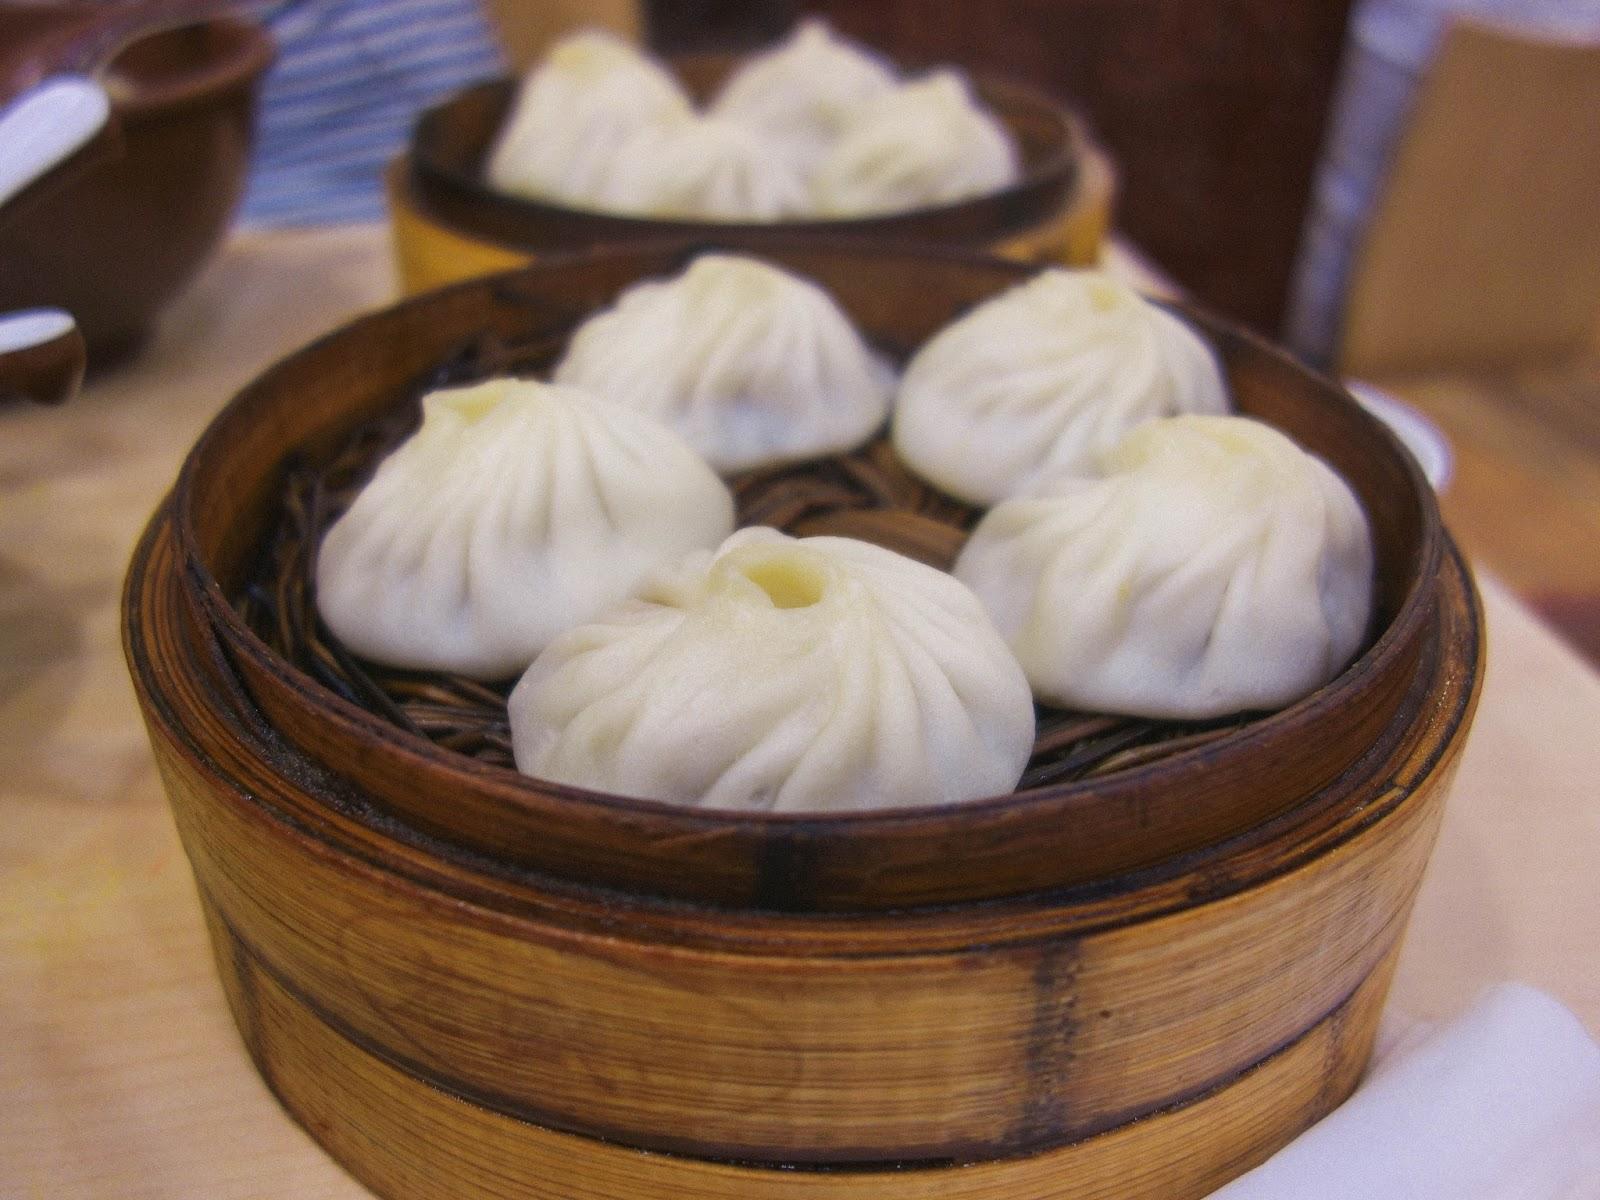 Shanghai Xiaolongbao Soupy Dumplings